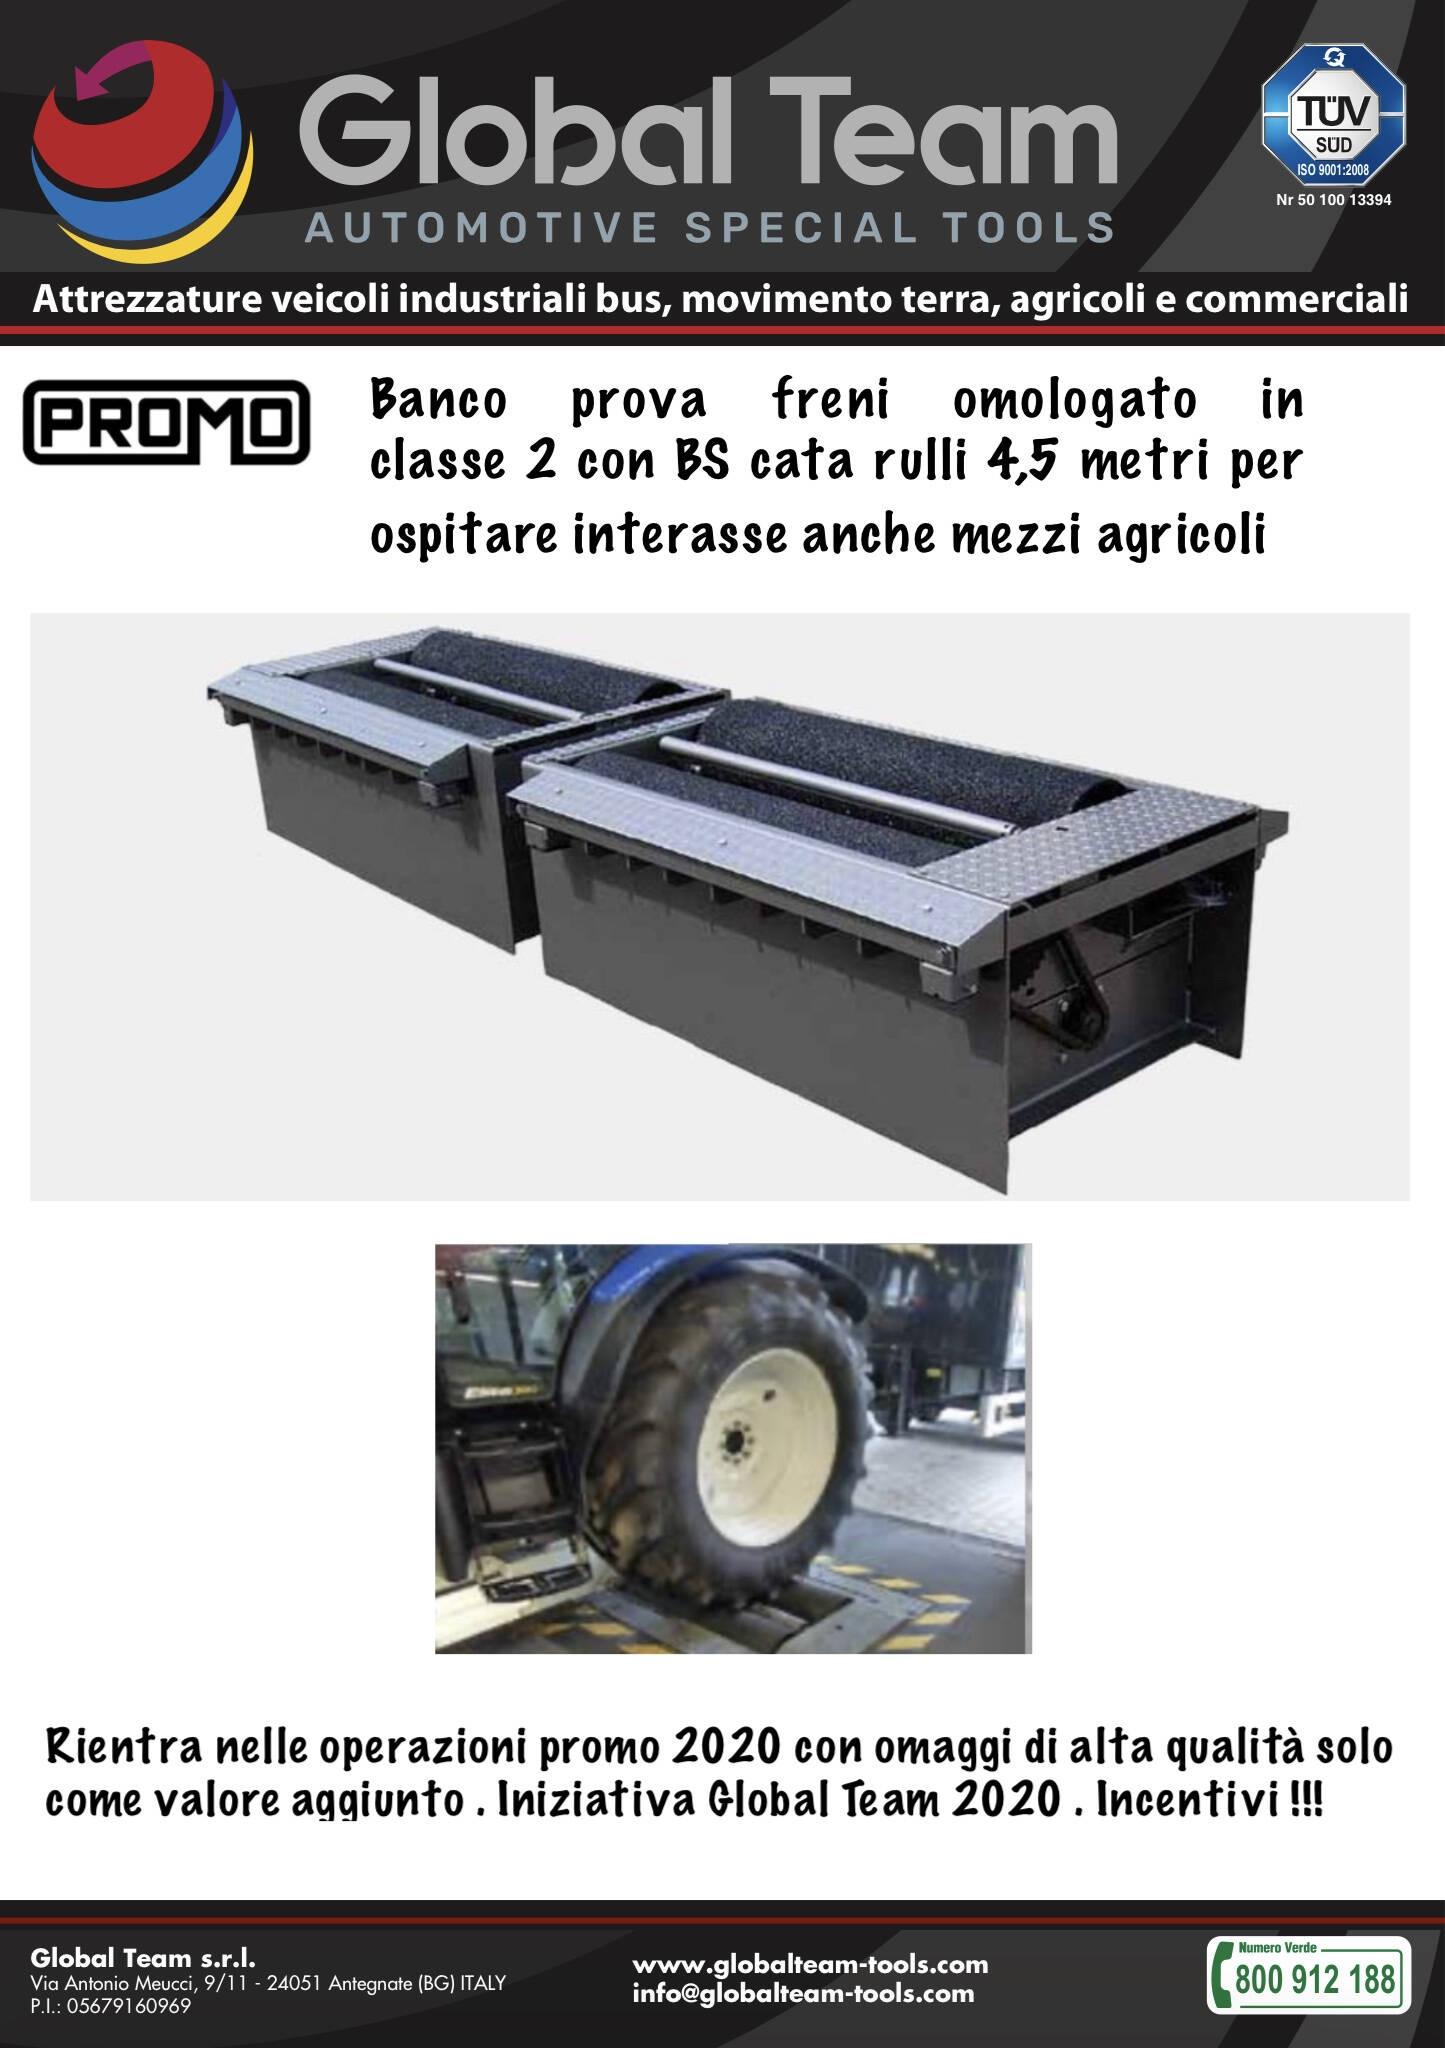 Promo bsnco freni omologato in classe 2 con la particolarità d'avere rulli extra lunghi 4,5 metri e poter ospitare anche mezzi agricoli . Universale